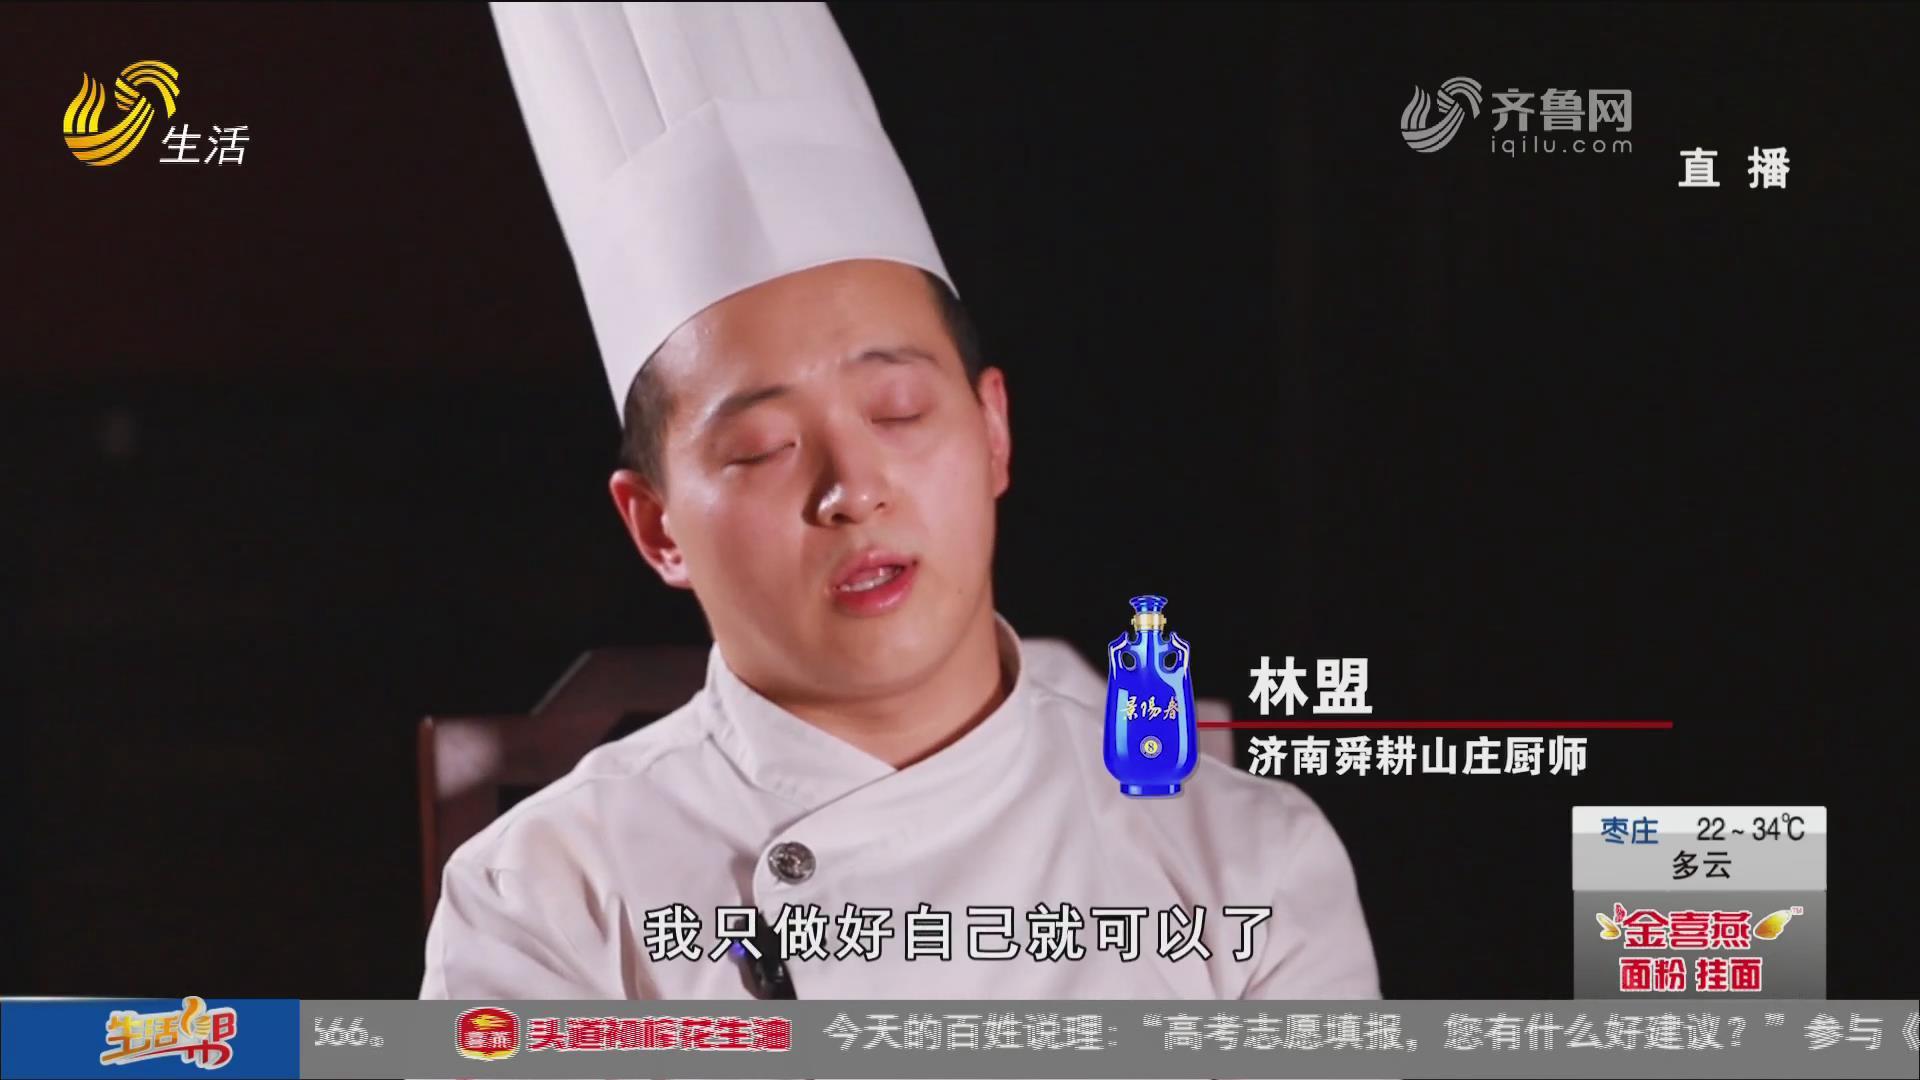 第13期冠军菜——葱烧野生十年通天海参